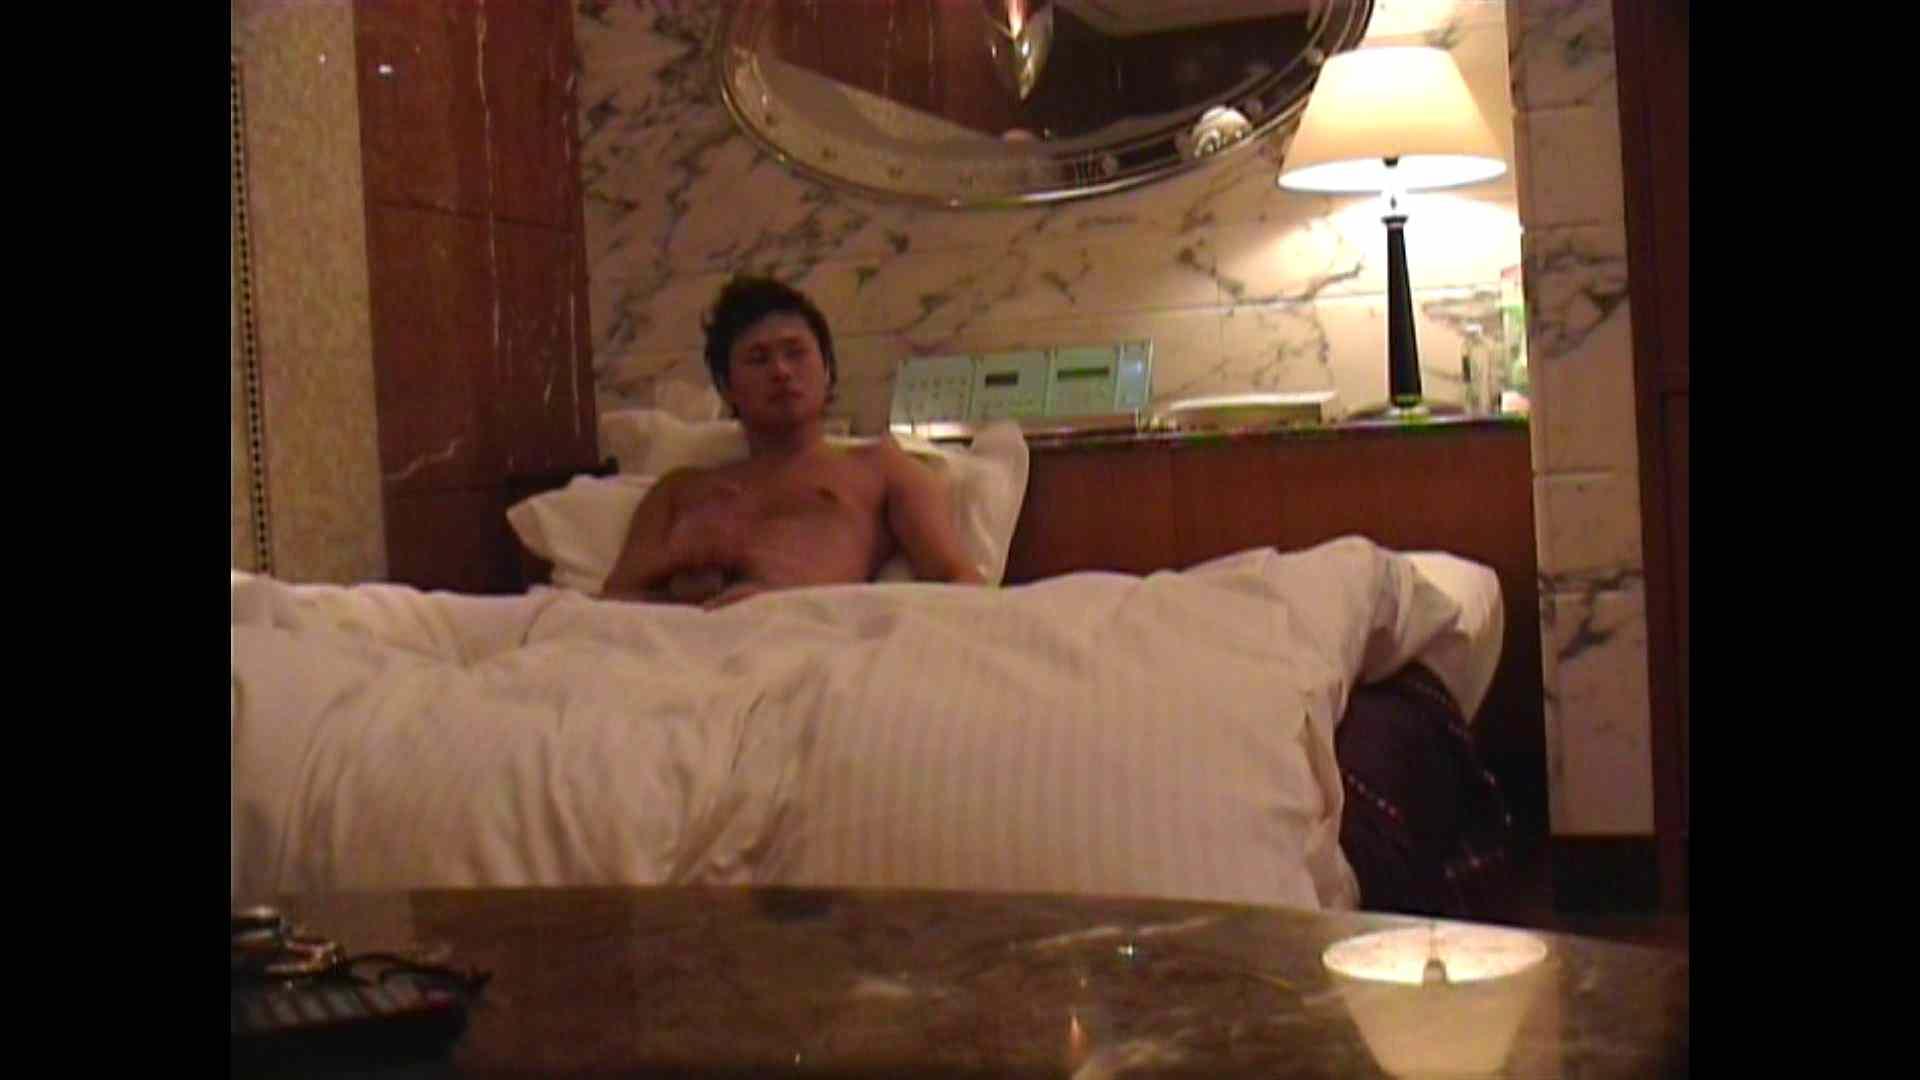 オナ好き五郎さん投稿!イケメン限定、オナニーでイク瞬間を撮影 その2 ノンケのオナニー ゲイ精子画像 98連発 80